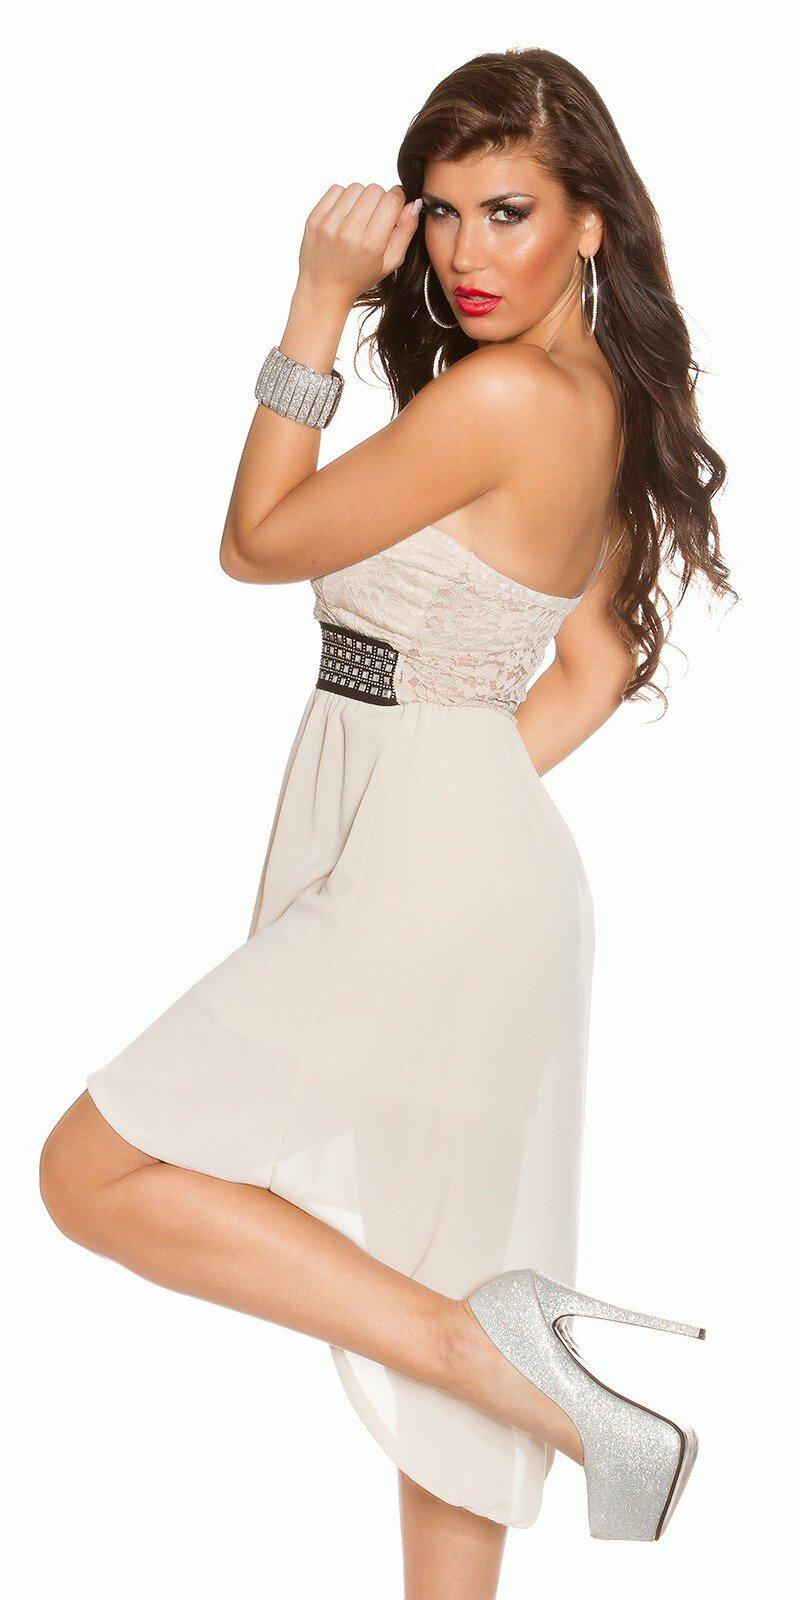 Dámske letné šaty s ozdobným pásom  Veľkosť Univerzálna (XS S M) Farba  Béžová cccc31ebdb7